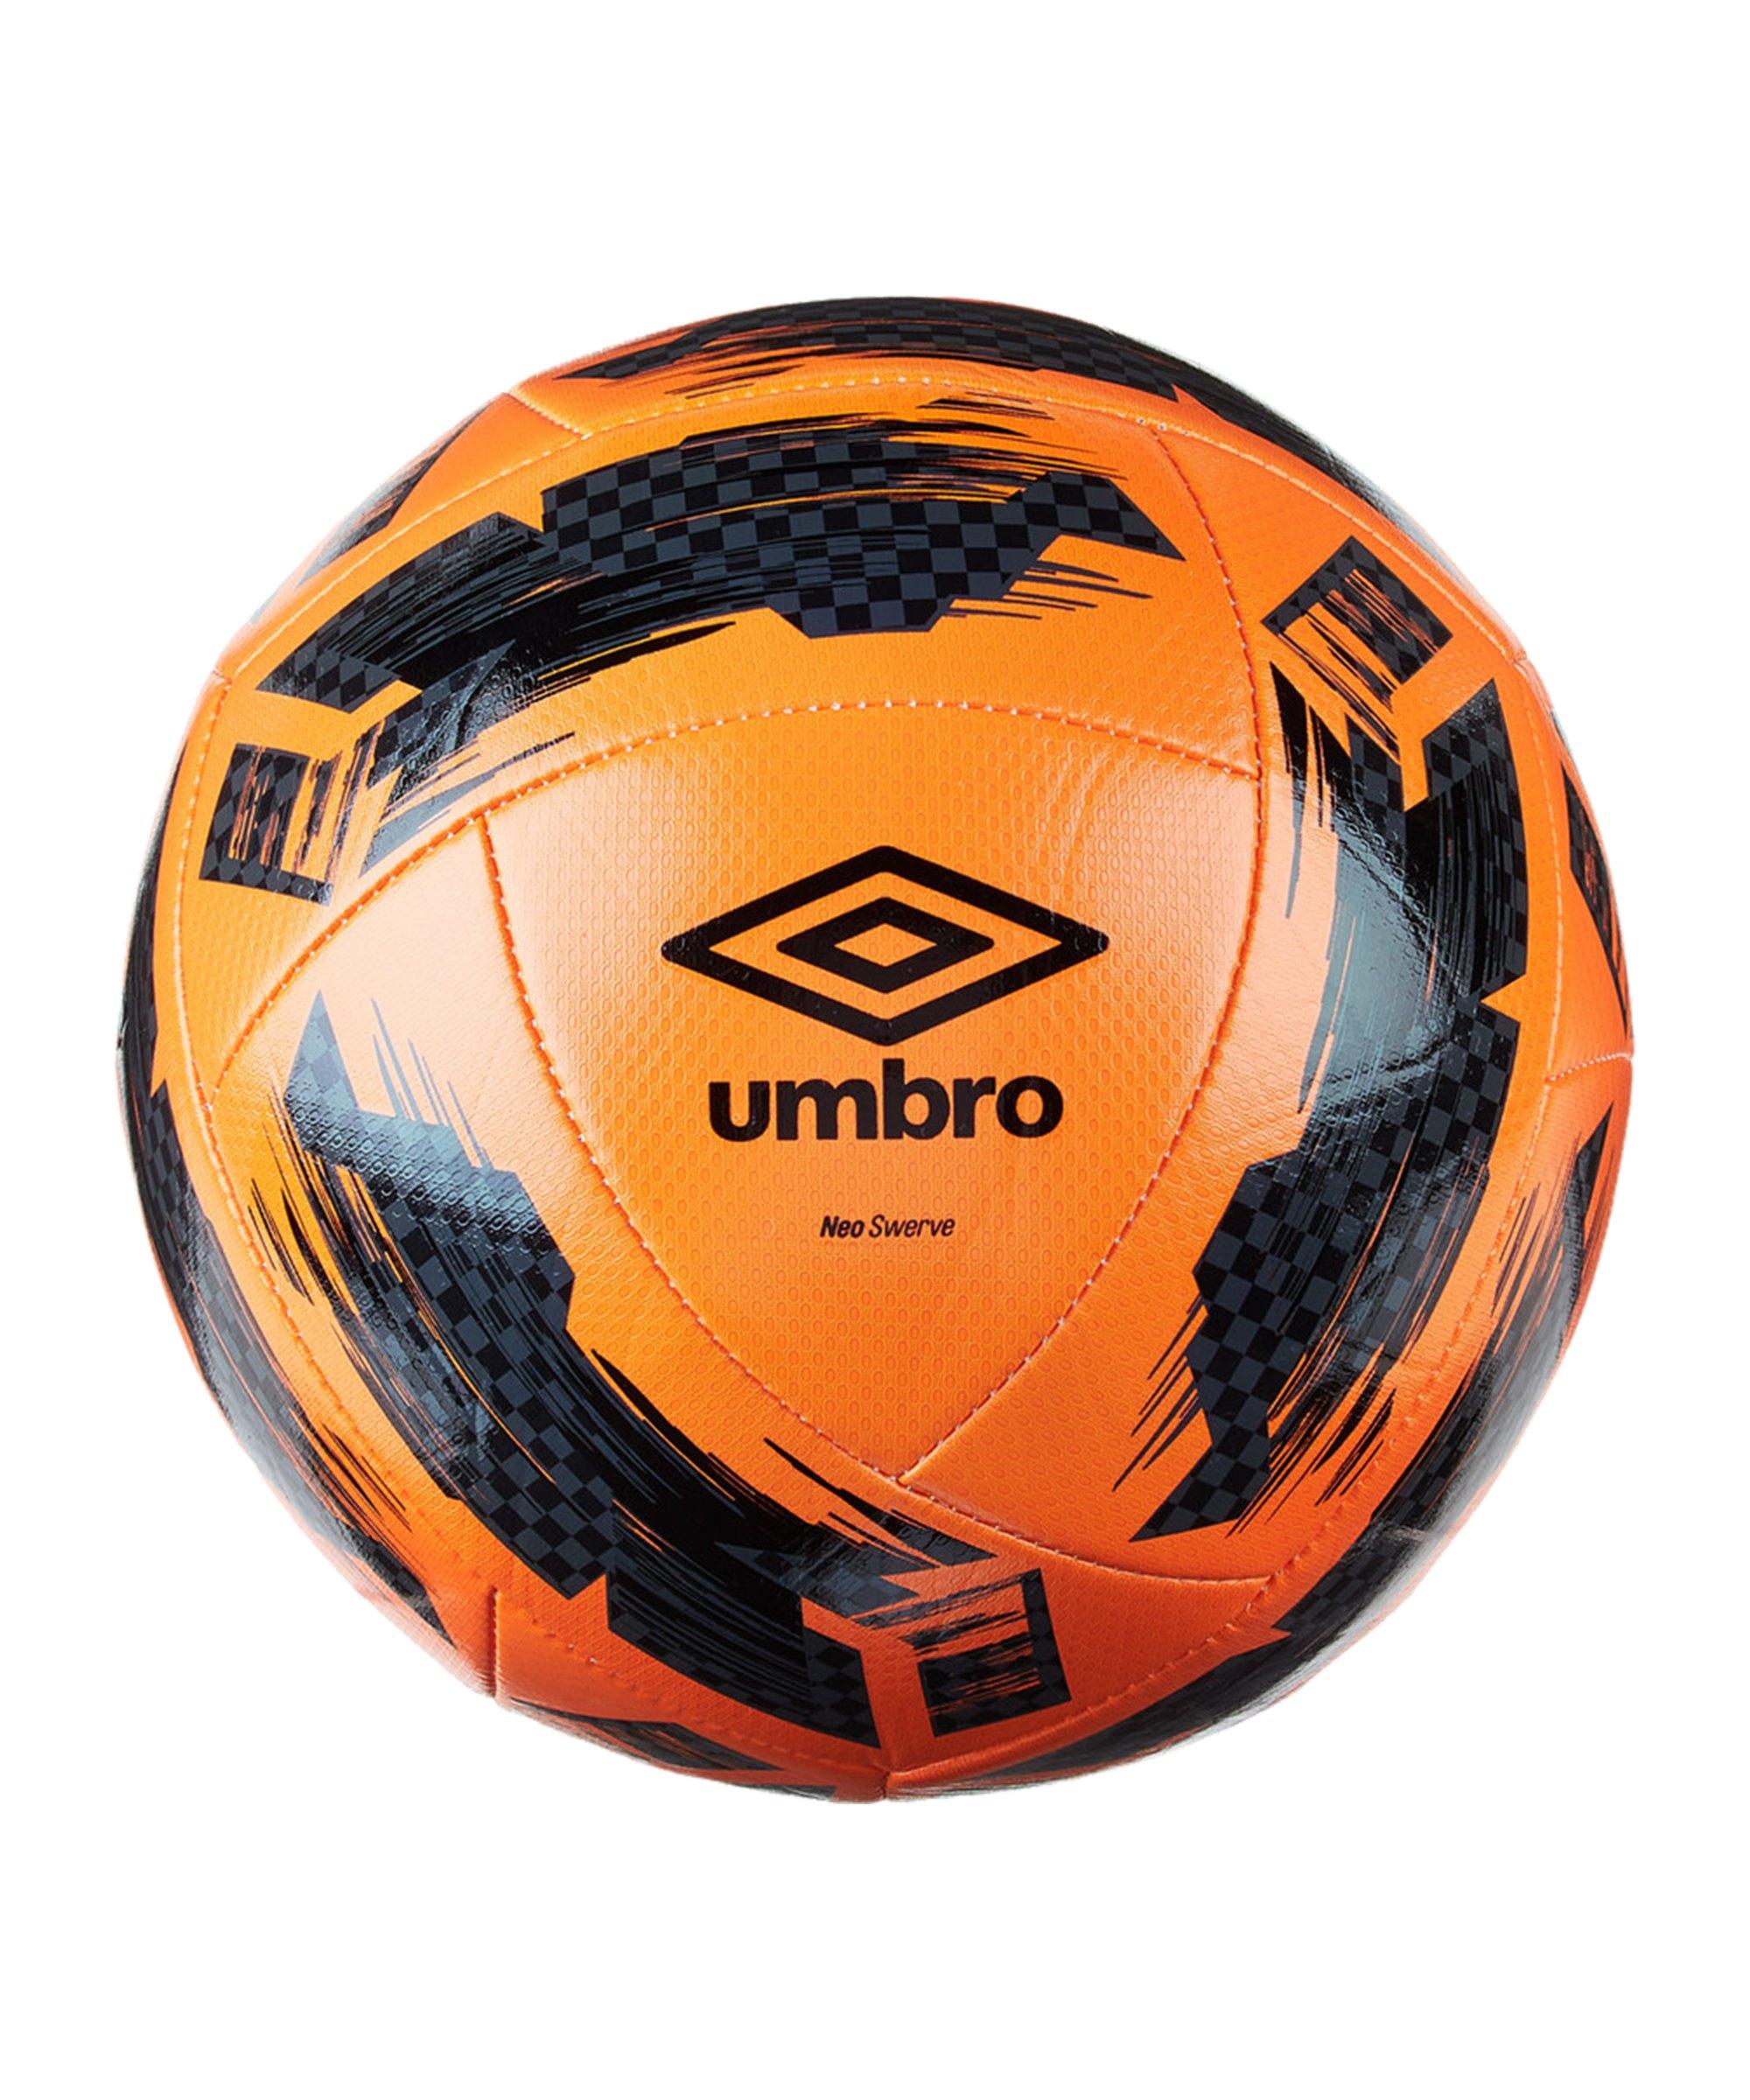 Umbro Neo Swerve Trainingsball Orange Schwarz F095 - orange